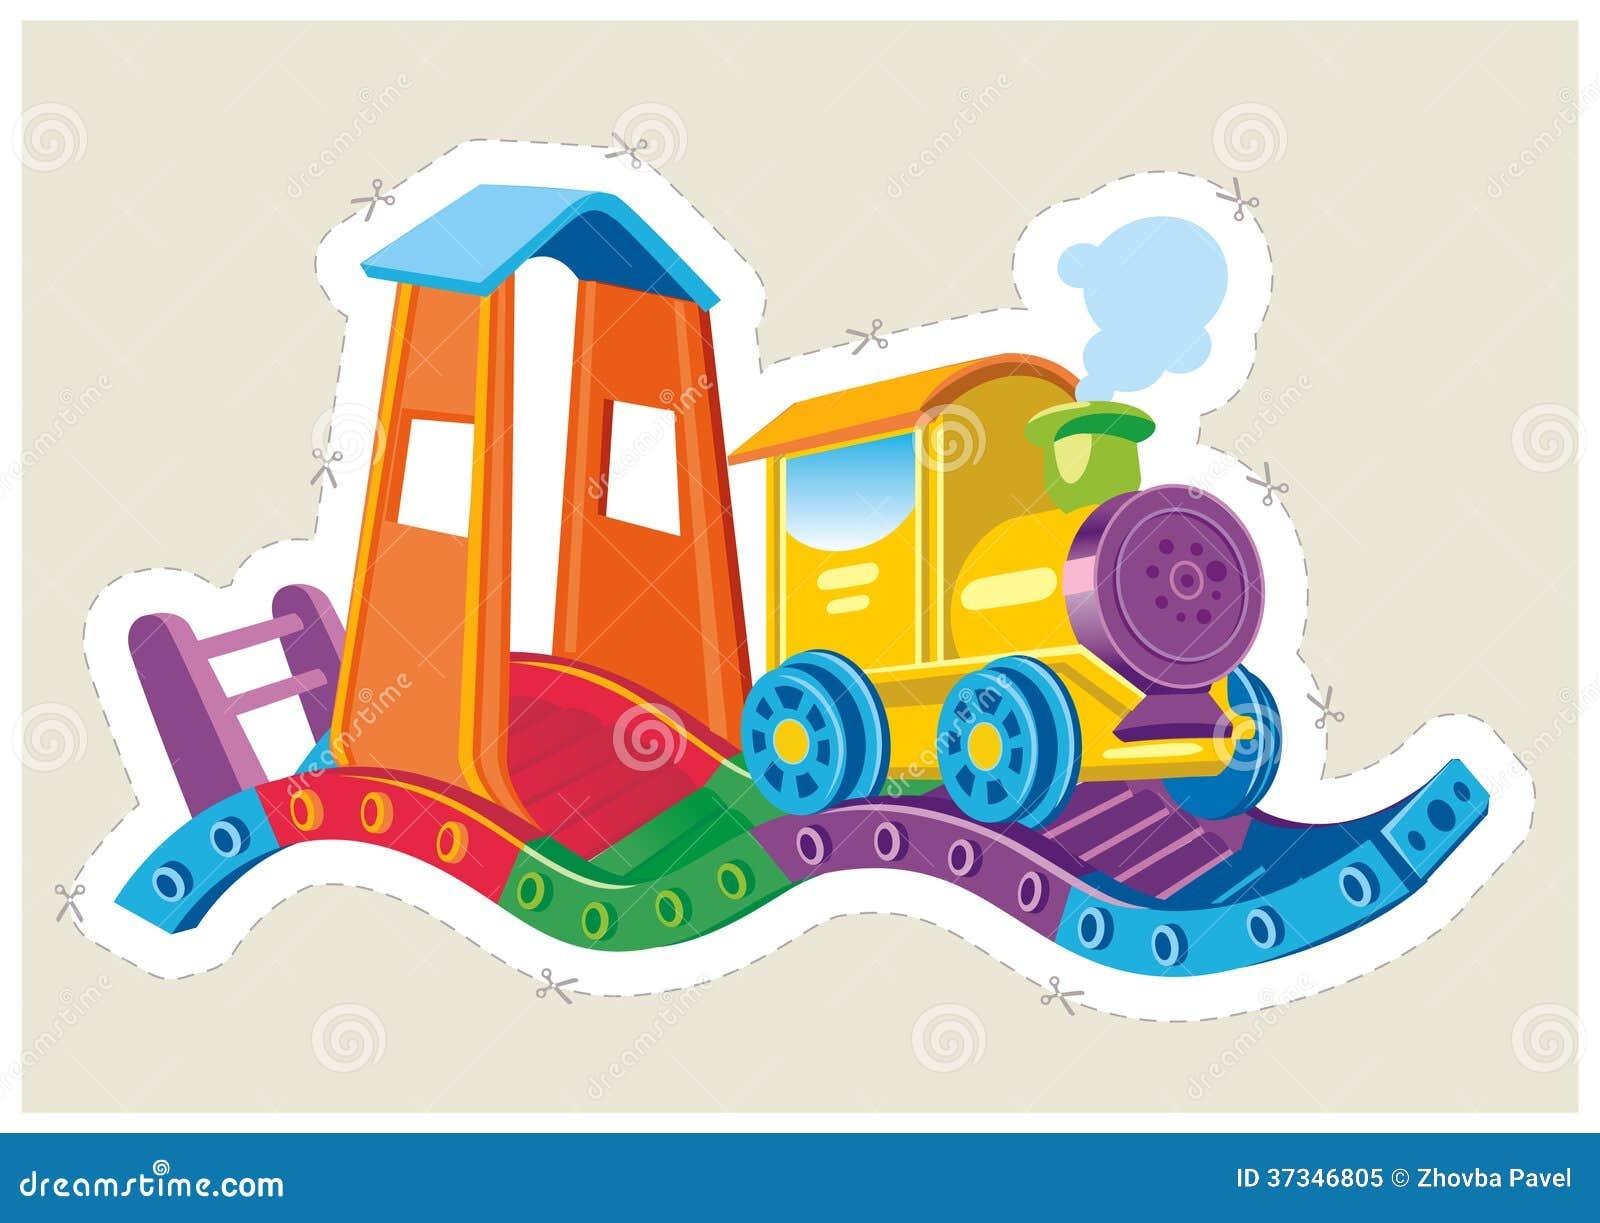 Spielzeug dampflokomotive der kinder vektor abbildung